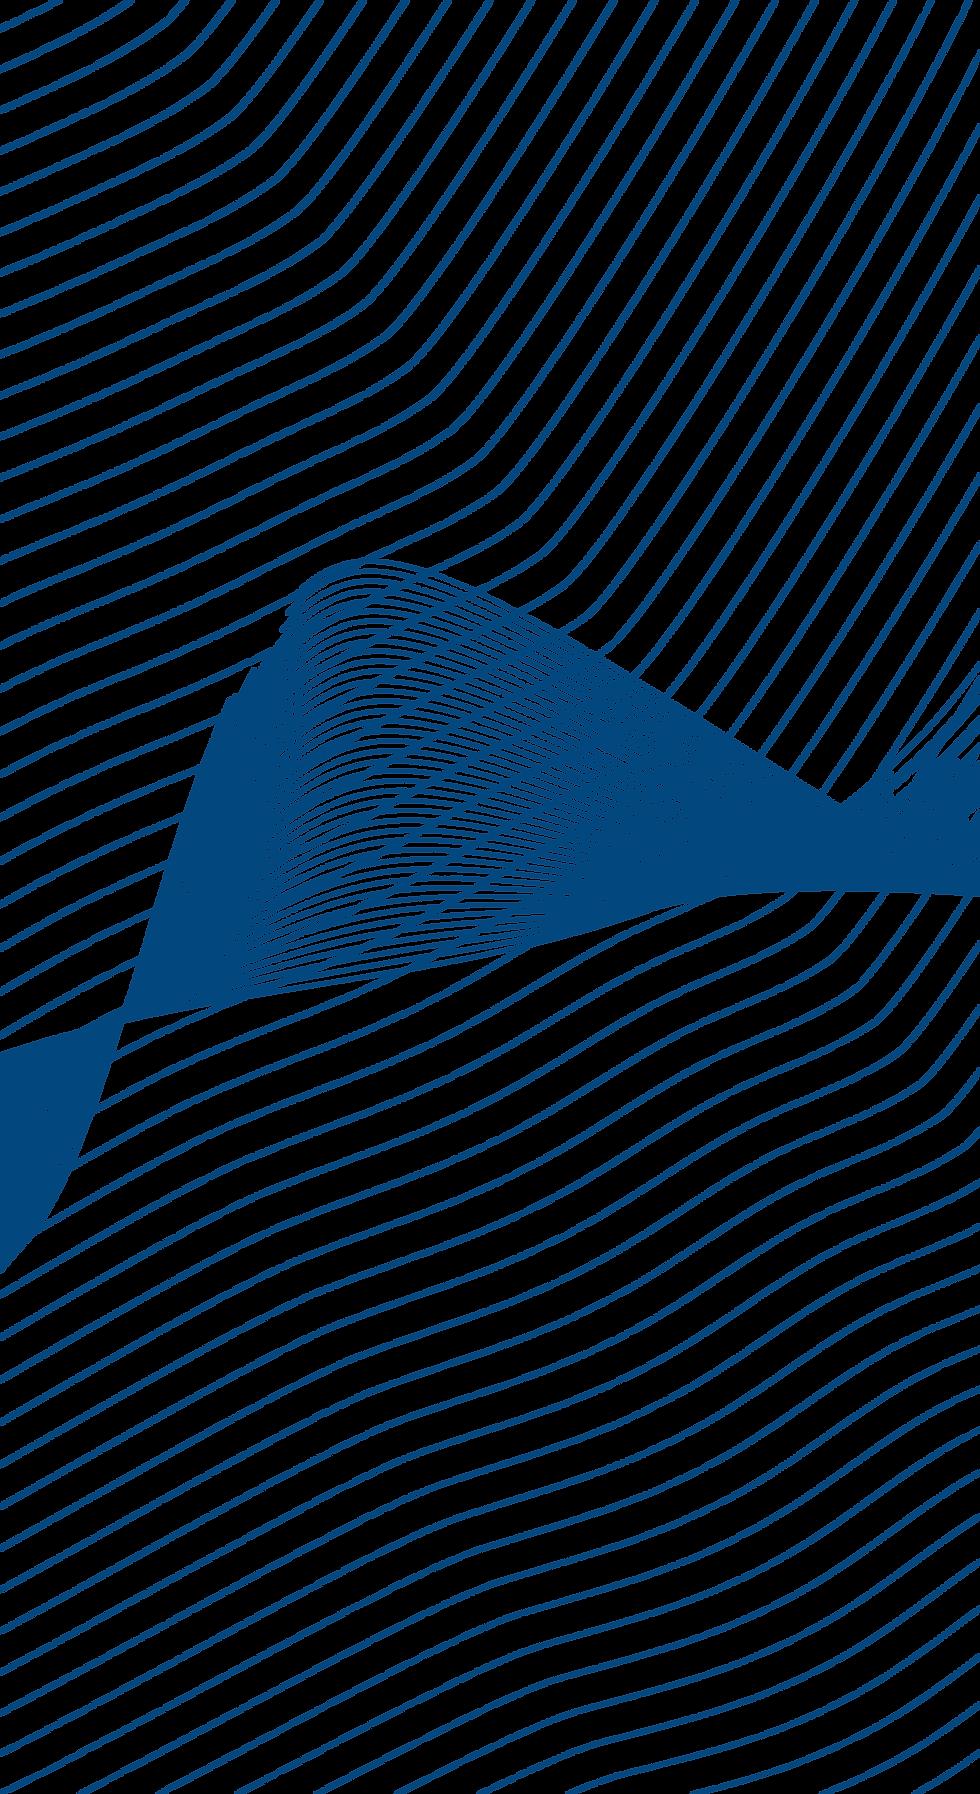 Lineas-de-fondo-2.png